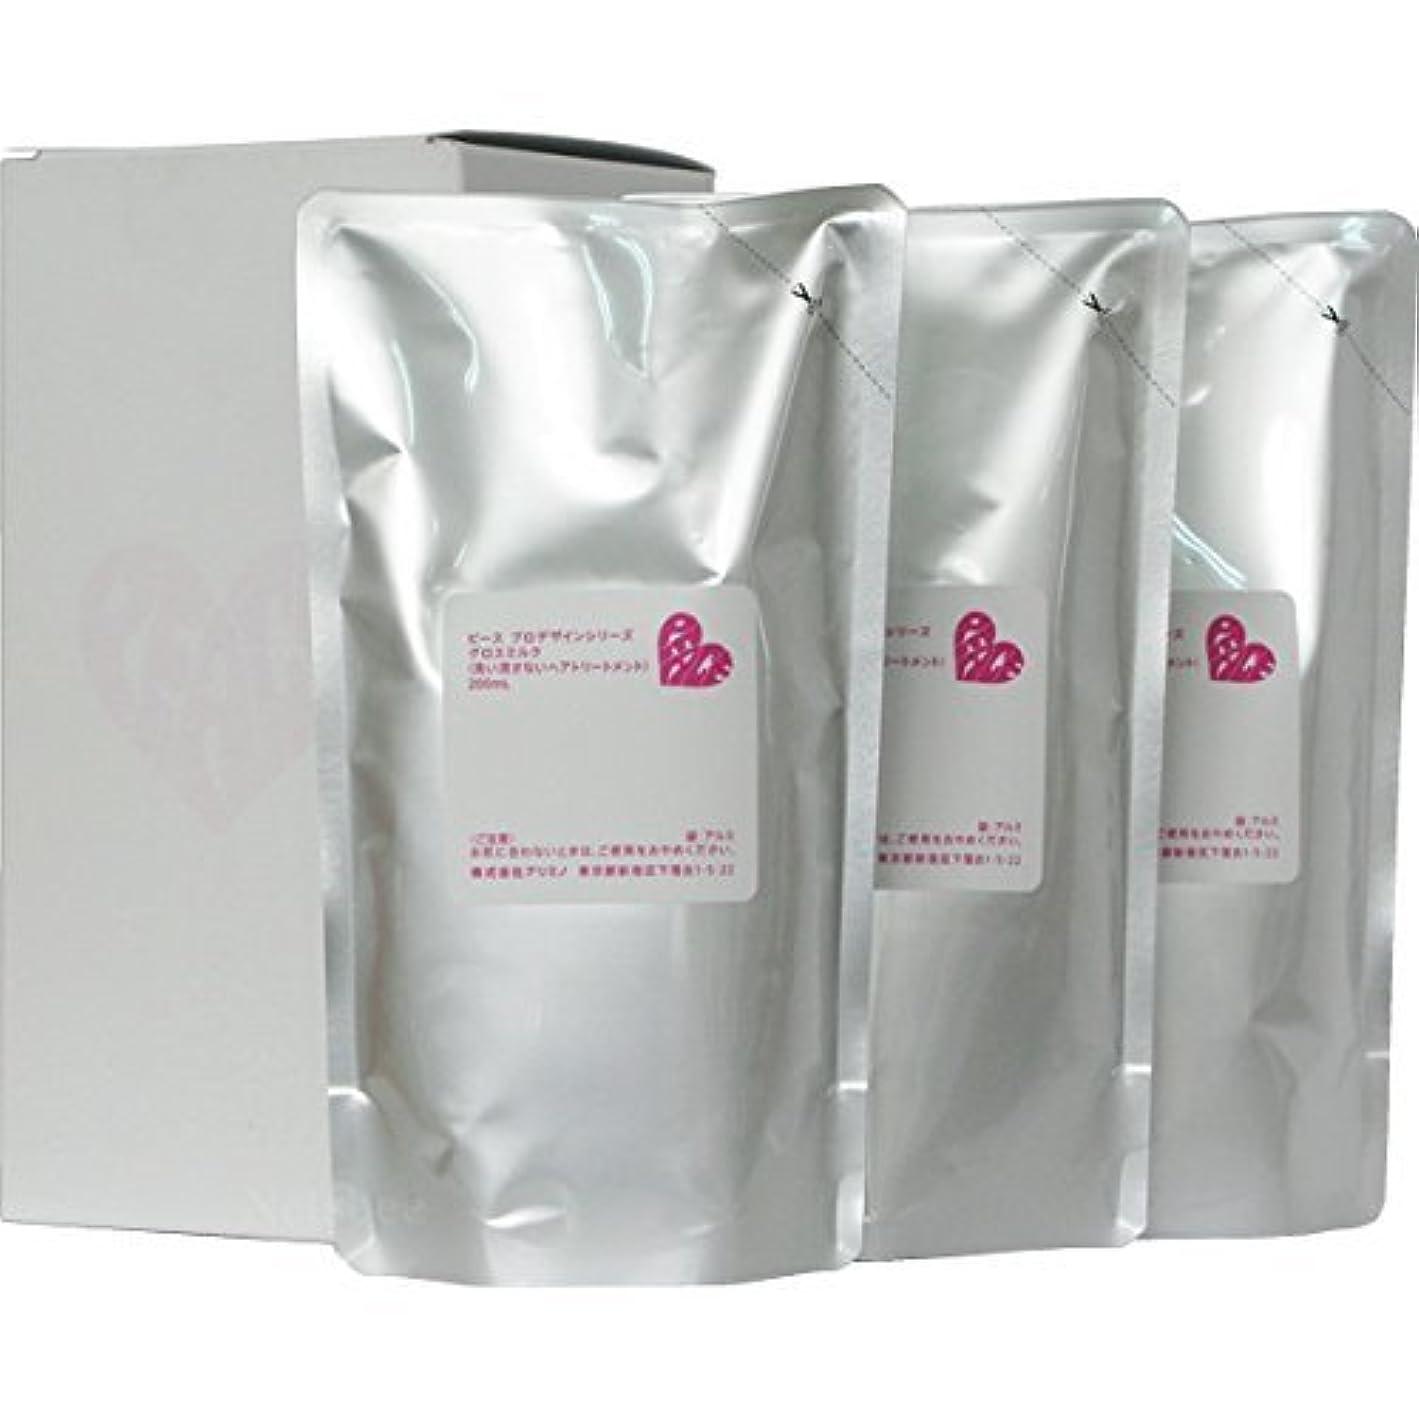 ナラーバーアンティークお嬢ピース プロデザインシリーズ グロスミルク ホワイト リフィル 200ml×3